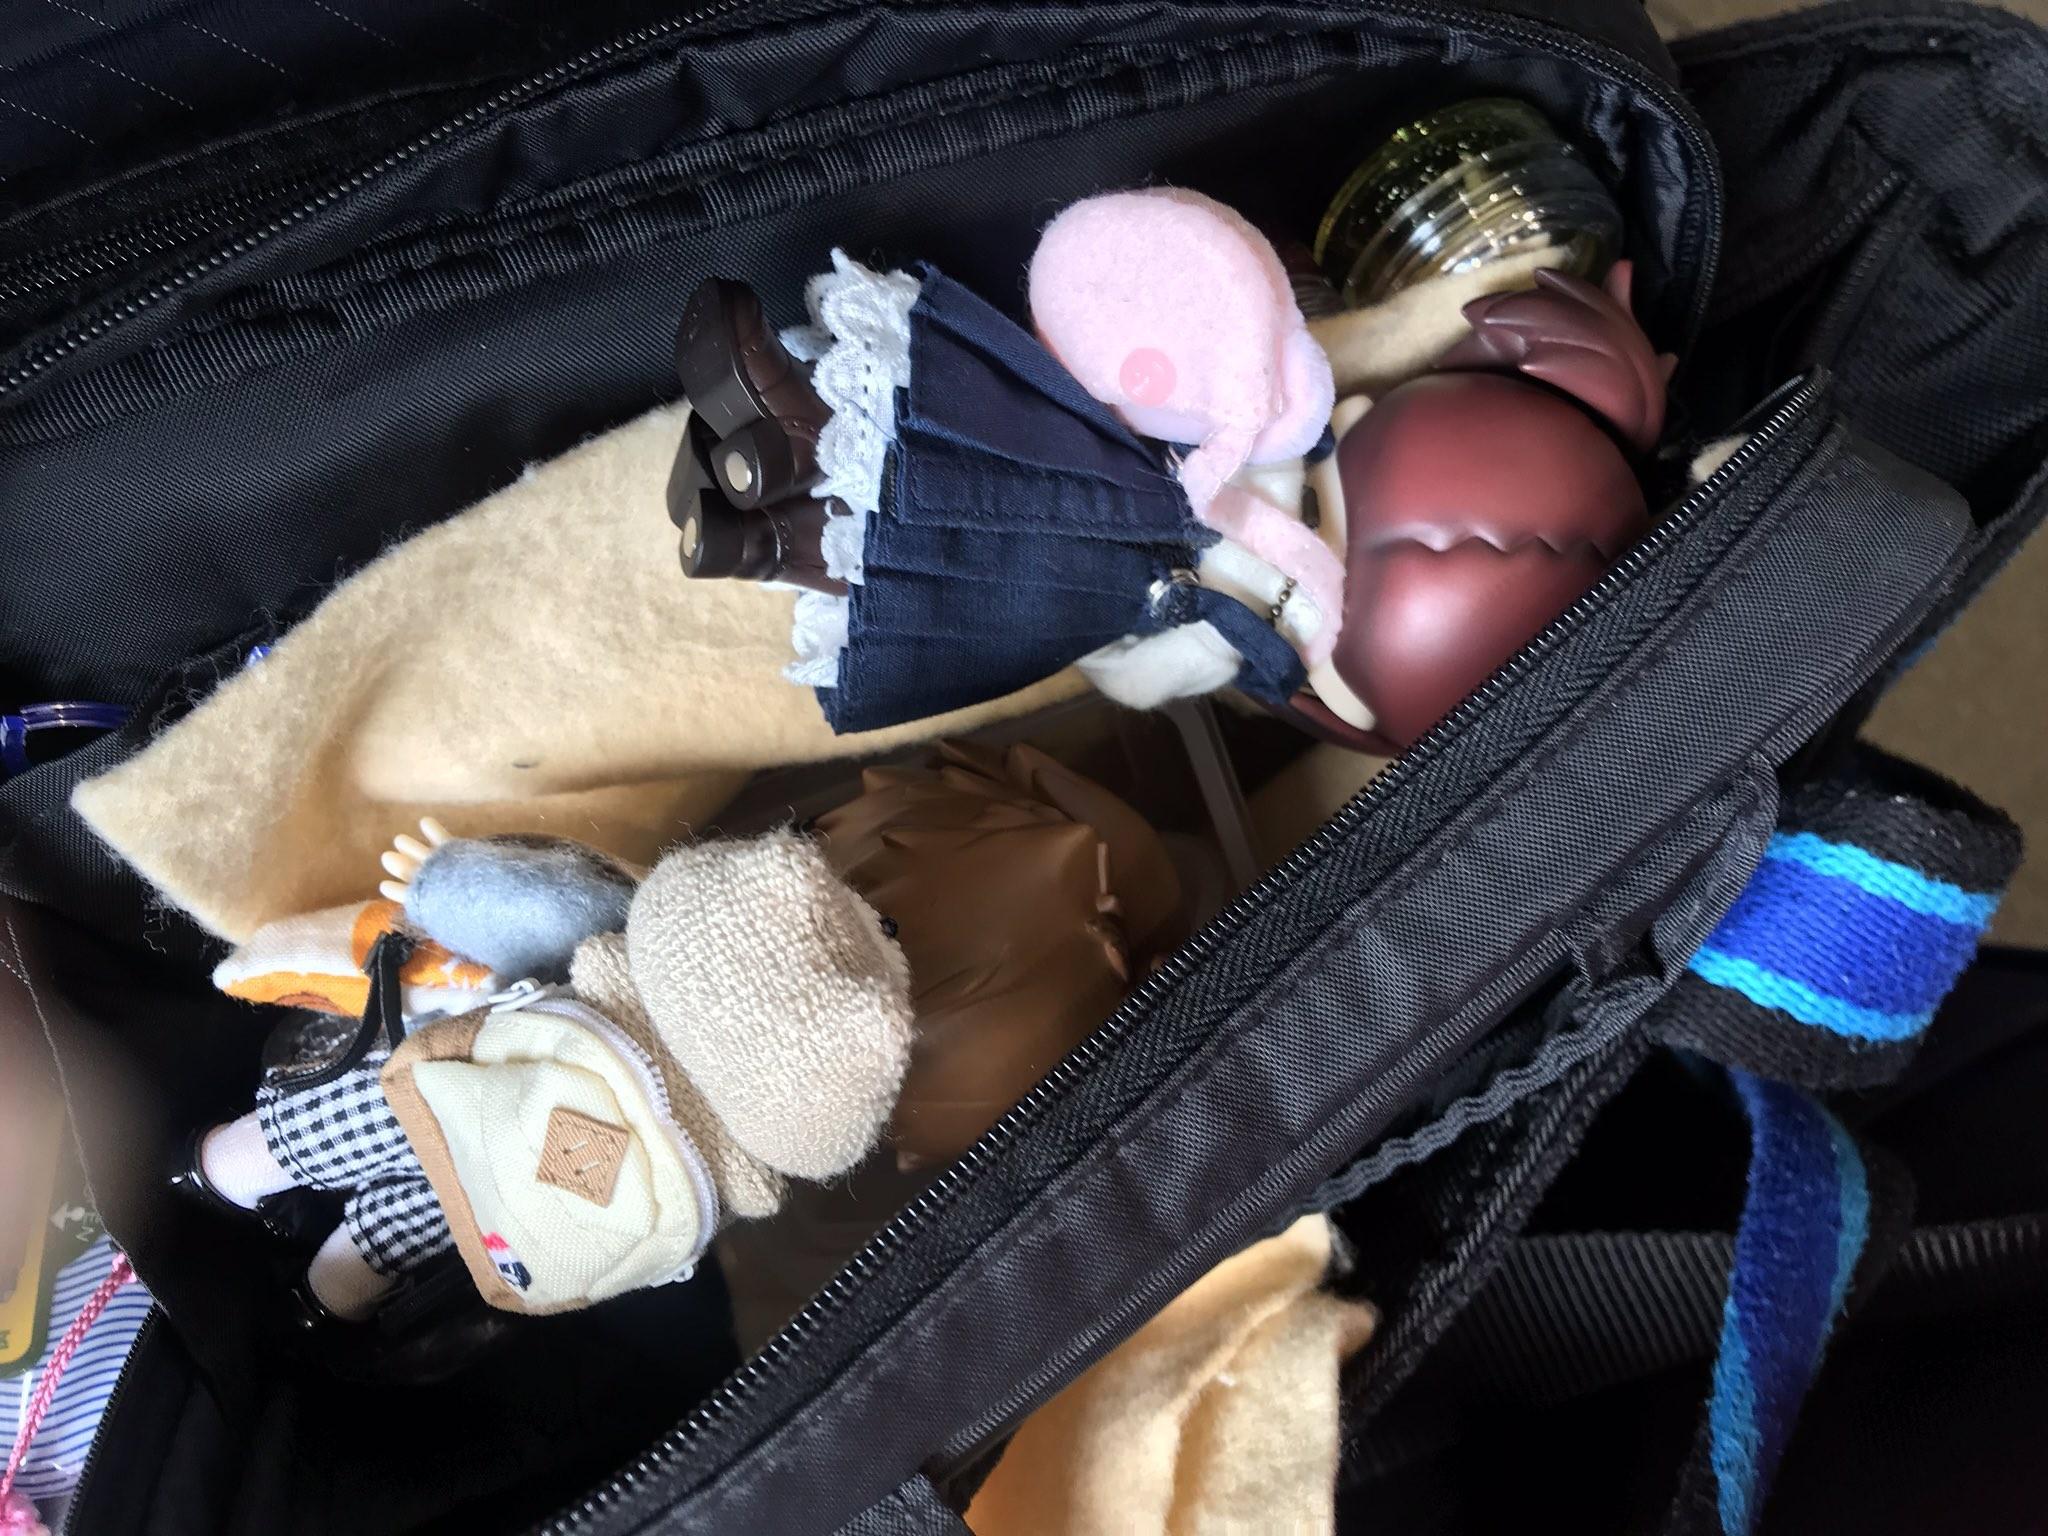 キューポッシュ,ドールが大変,ひっくり返る,バッグの中で転げる